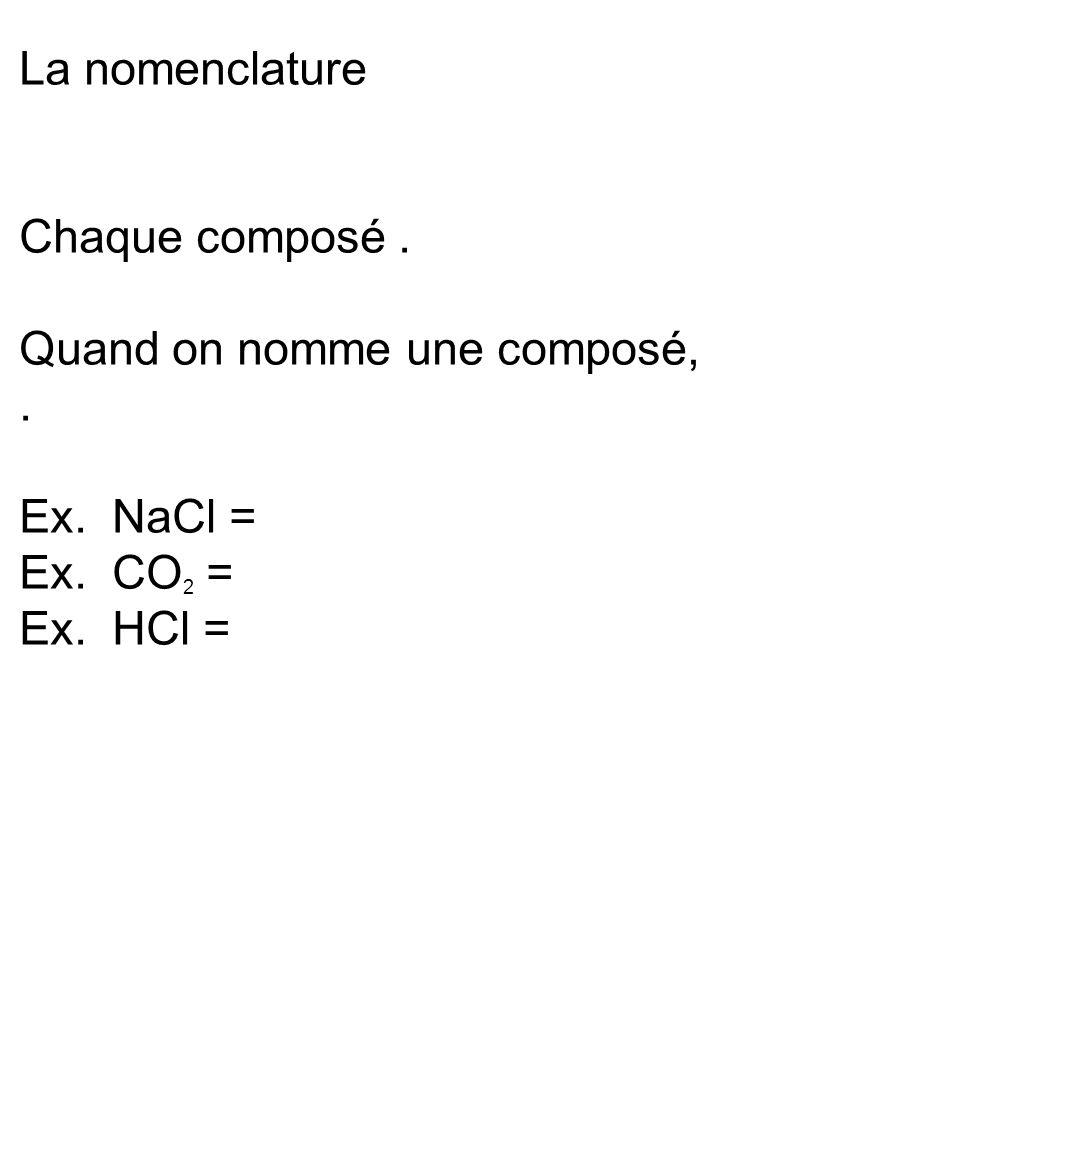 La nomenclature Chaque composé. Quand on nomme une composé,. Ex. NaCl = Ex. CO 2 = Ex. HCl =